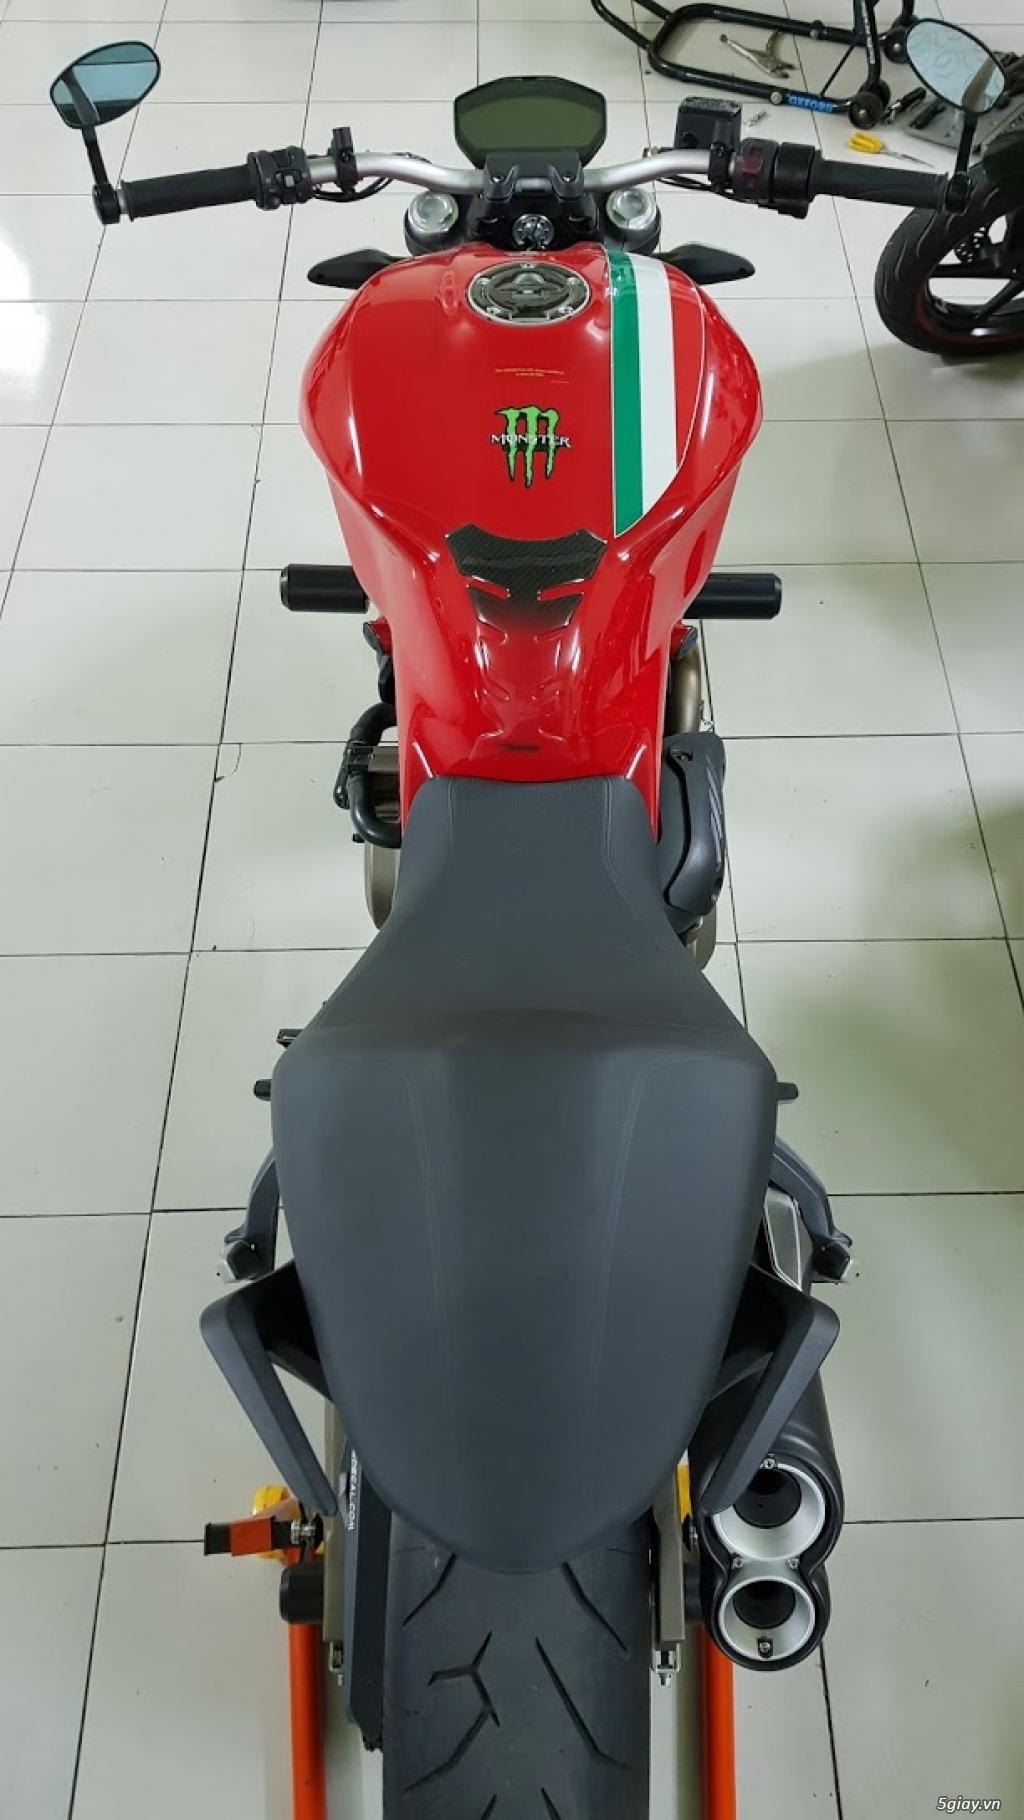 Ban Ducati Monster 821 ABS thang 52017 chinh hang Saigon so VIP - 3